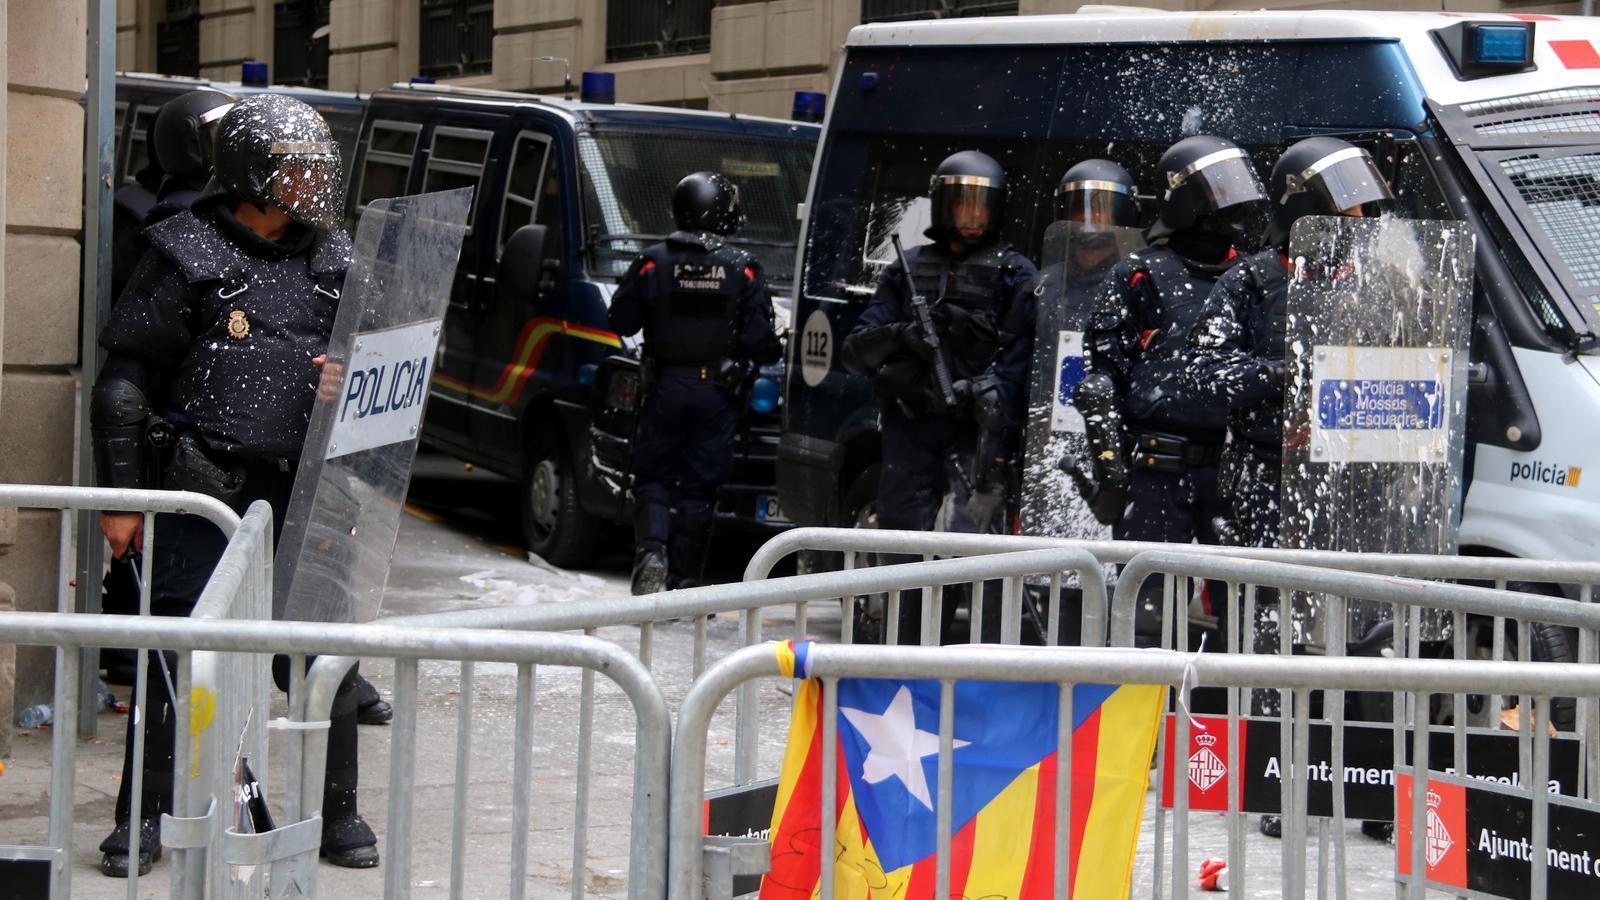 Barcelona pressiona el govern espanyol per tancar la comissaria de Via Laietana